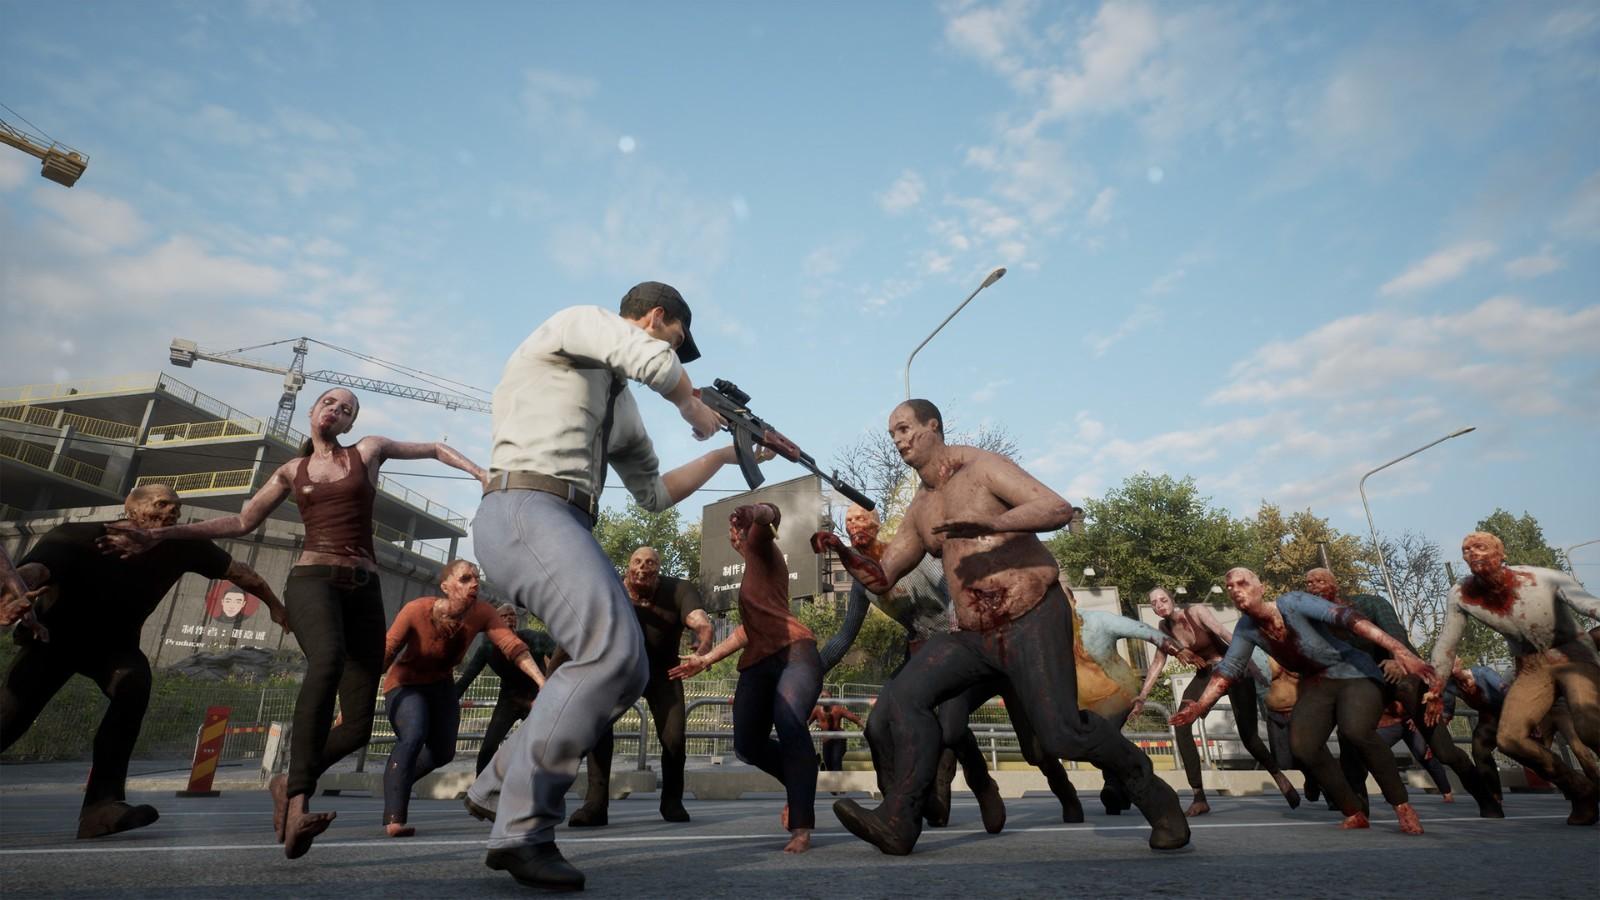 国产免费打僵尸游戏《死寂》9月5日发售 由单人13天时间完成